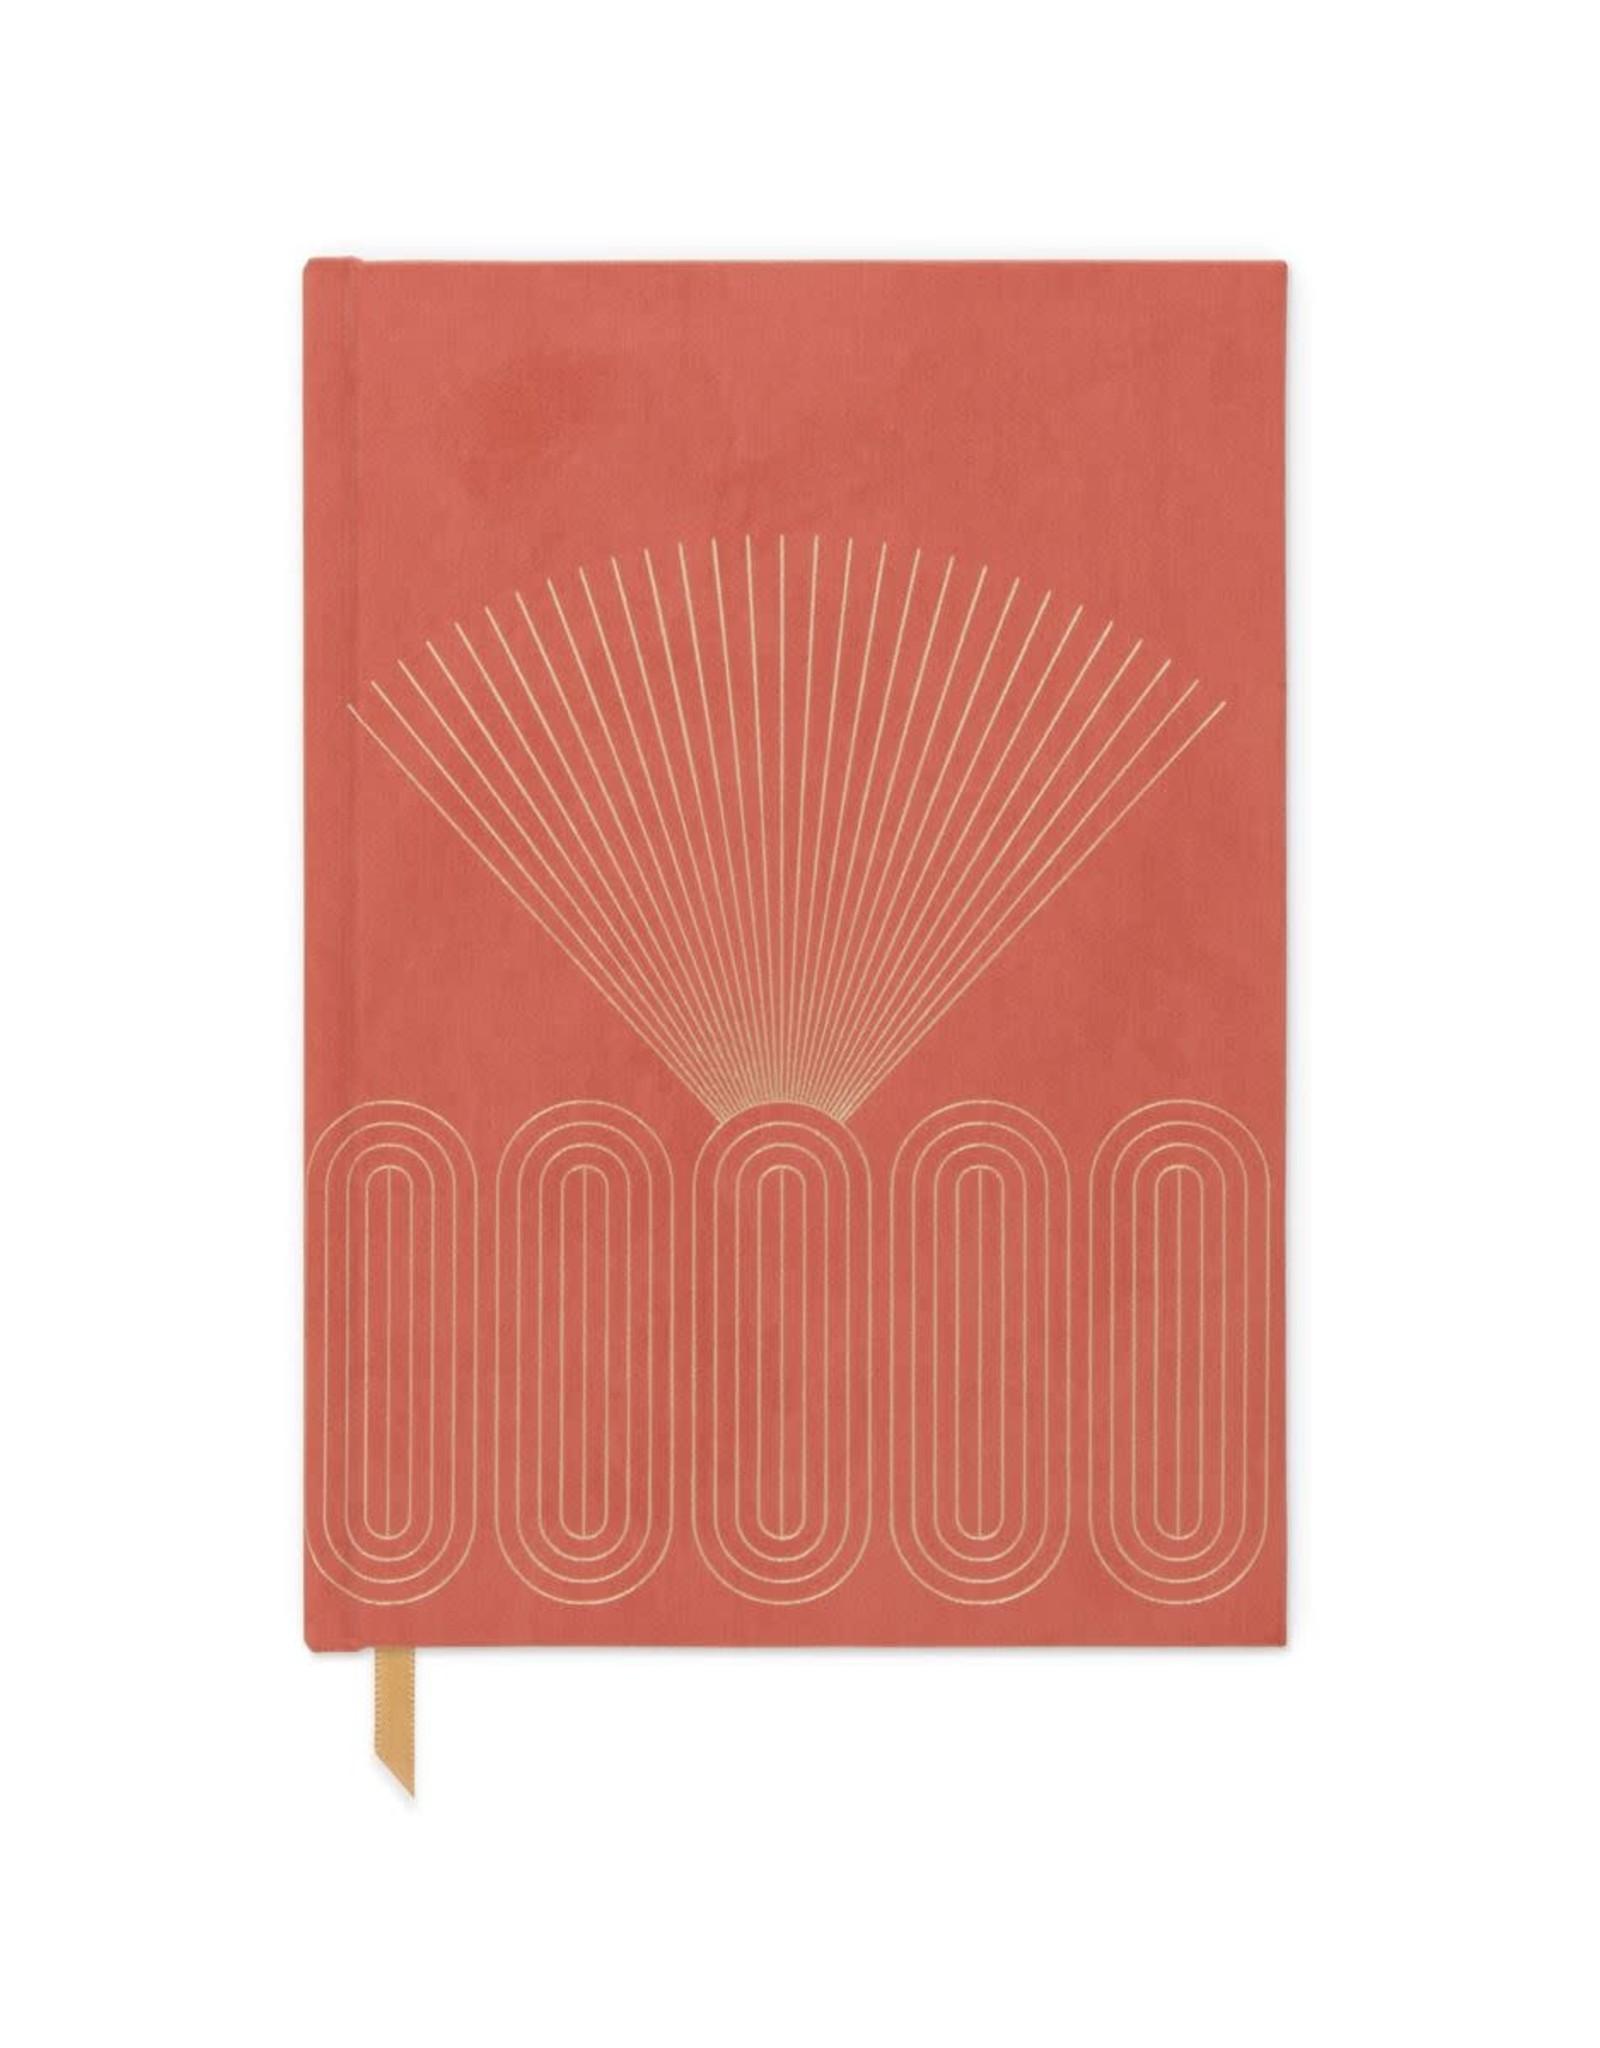 Terracotta Radiant Rays Journal